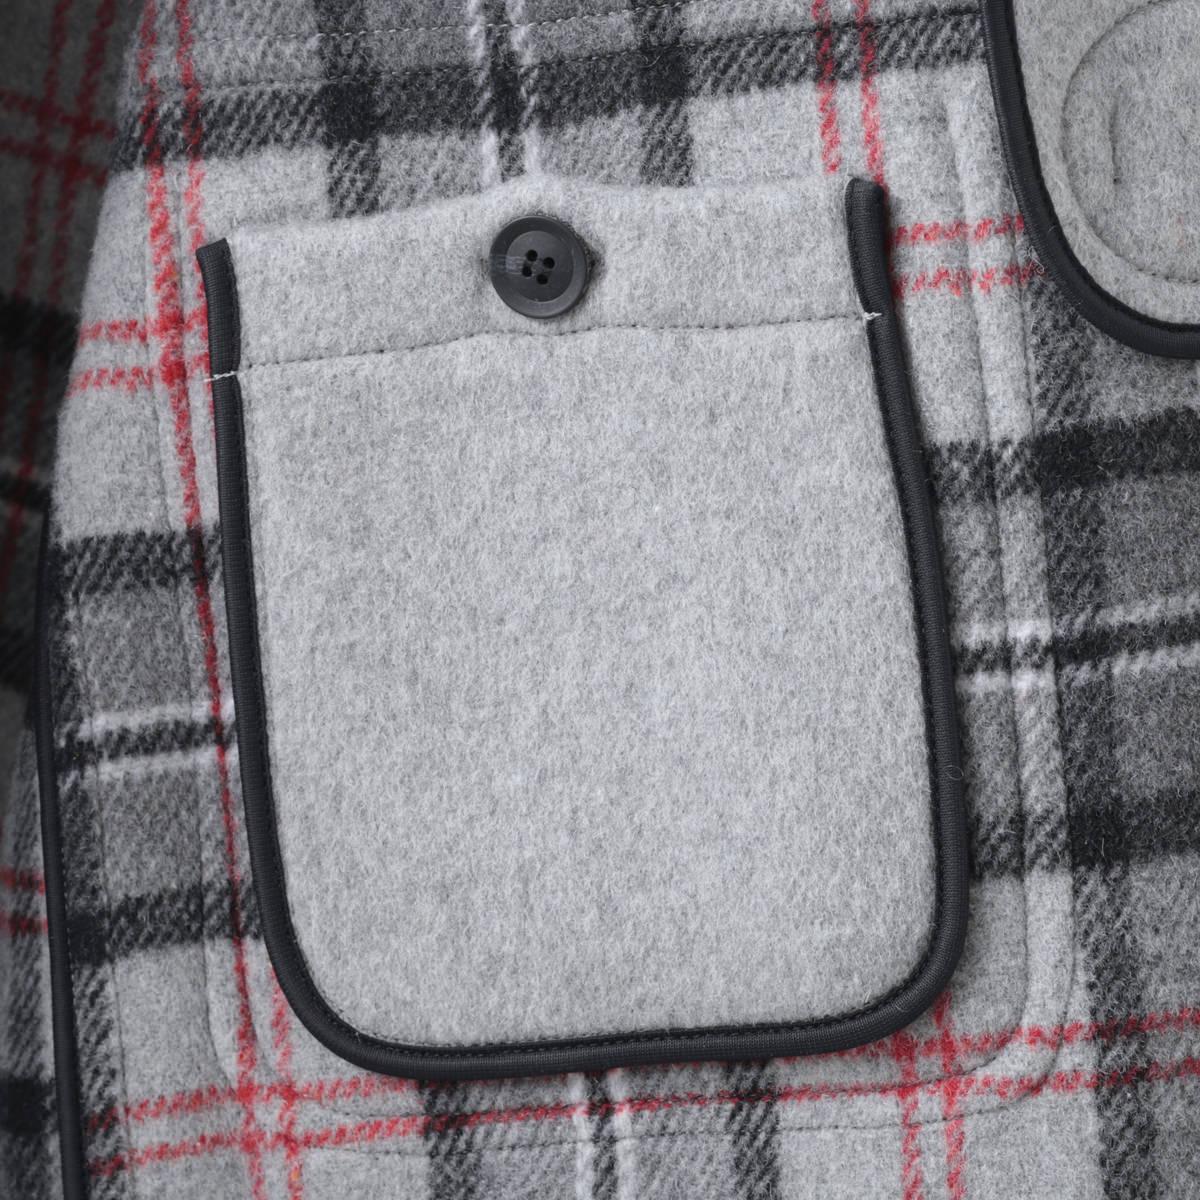 LONDON TRADITION メンズ スリムロングダッフルコート パールグレー MARTIN 秋冬 英国製 ウール ロンドントラディション マーティン チェック 上着 MADE IN ENGLAND ギフト 長い 厚手 防寒 トラッド